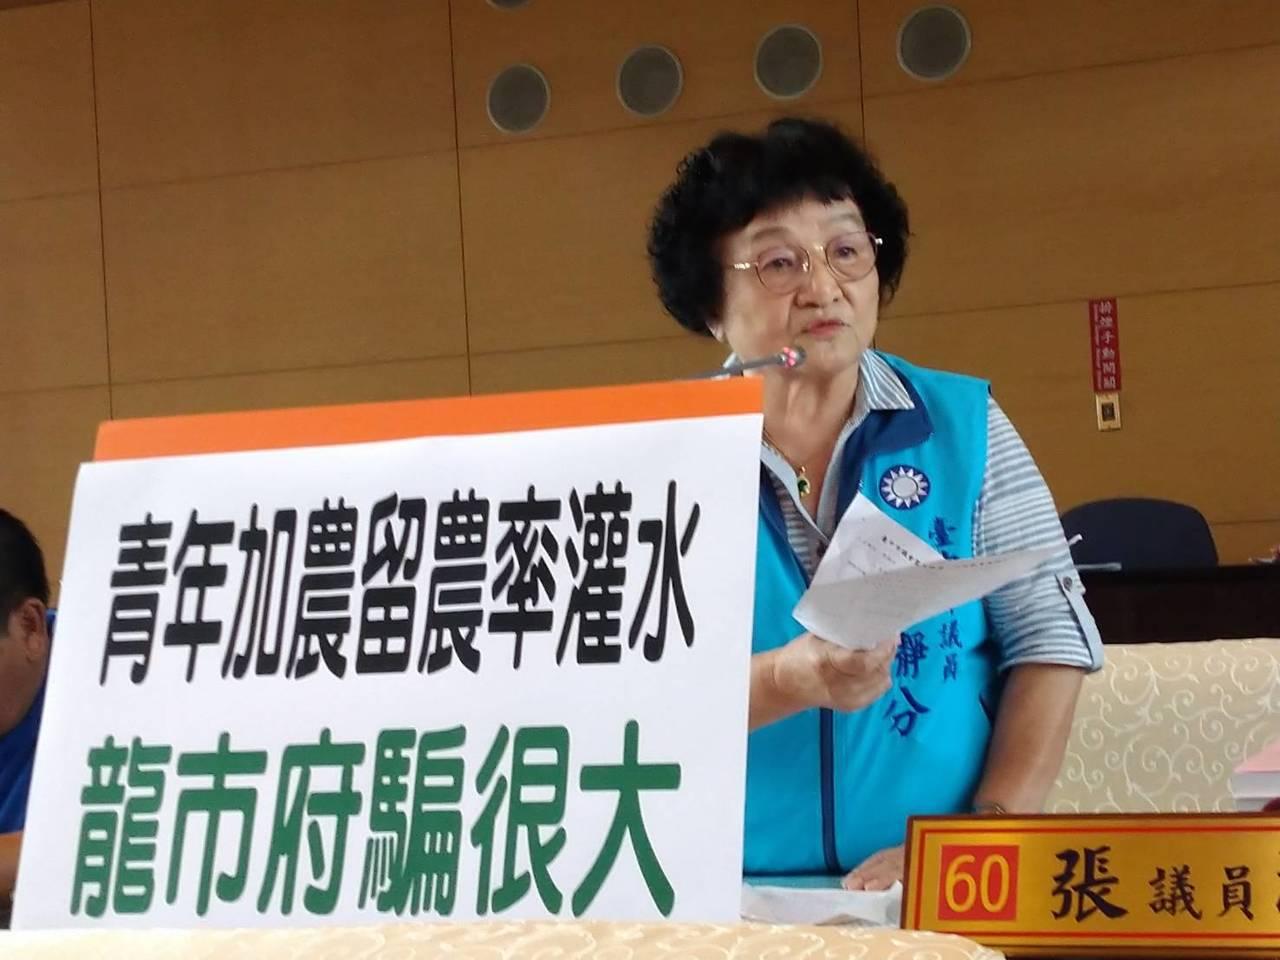 台中市議員張瀞分批「青年加農」政策。圖/張瀞分提供